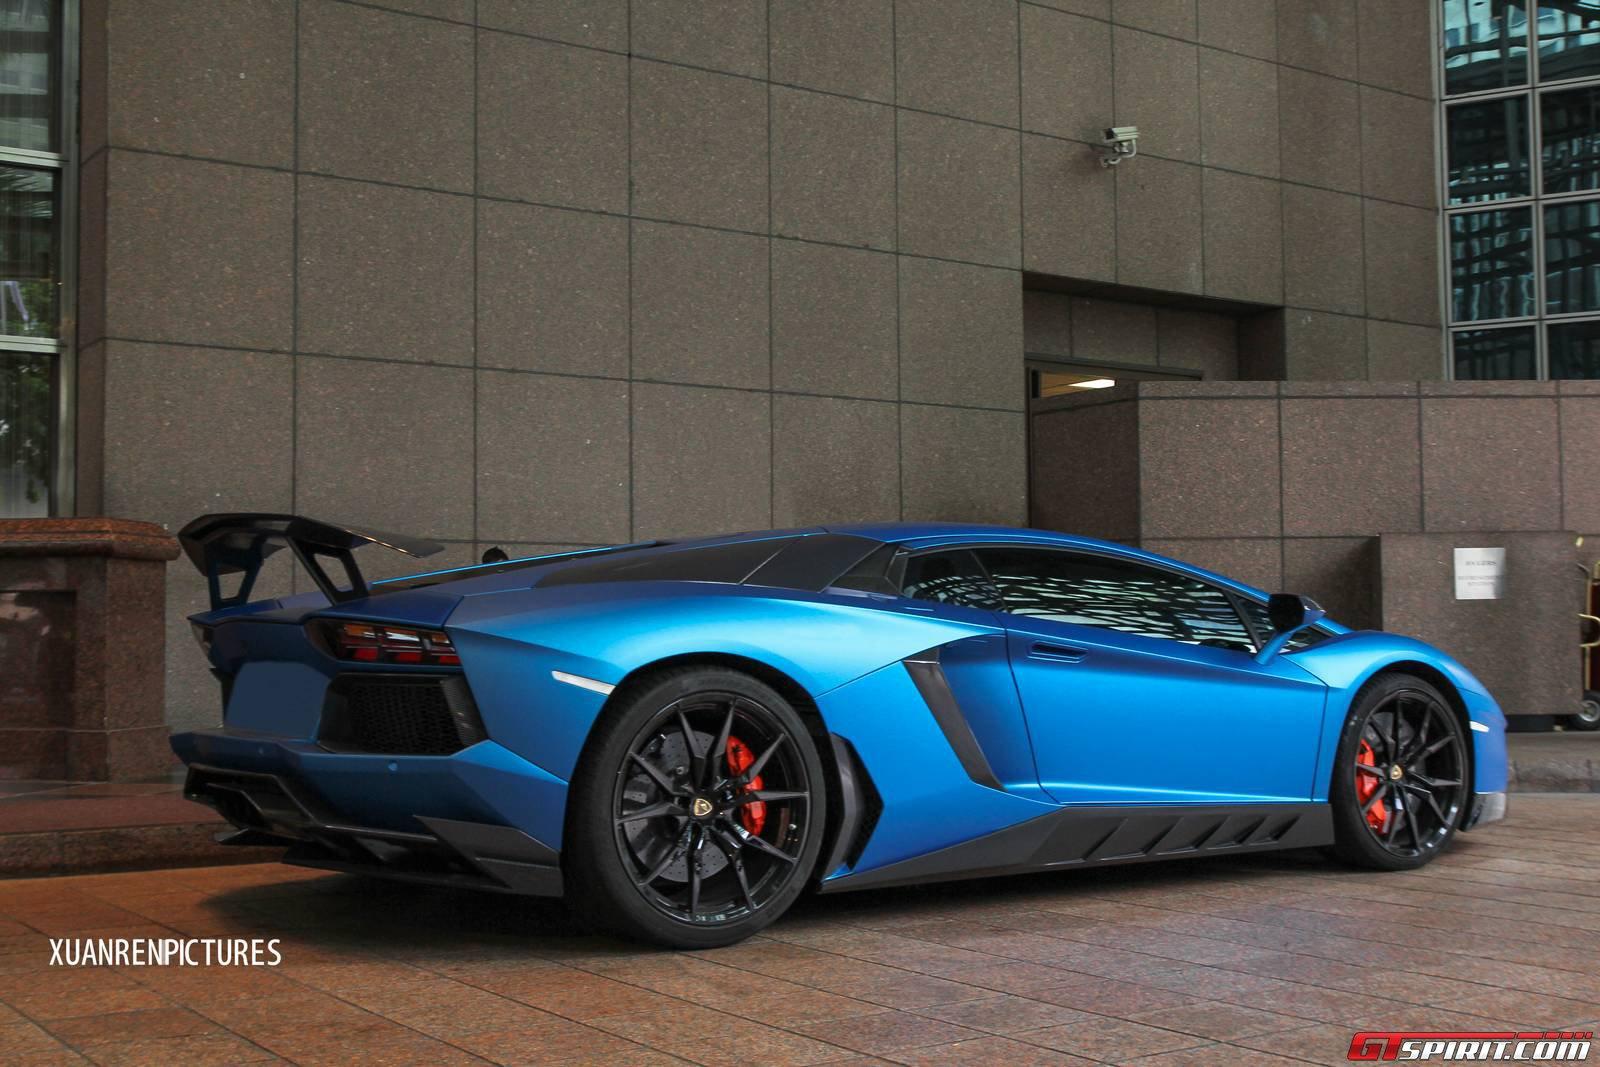 Http://gtspirit.com/wp Content/gallery/novitec Torado/novitec Torado  Lamborghini Aventador 6 | Carros | Pinterest | Super Car, Lamborghini  Aventador And ...